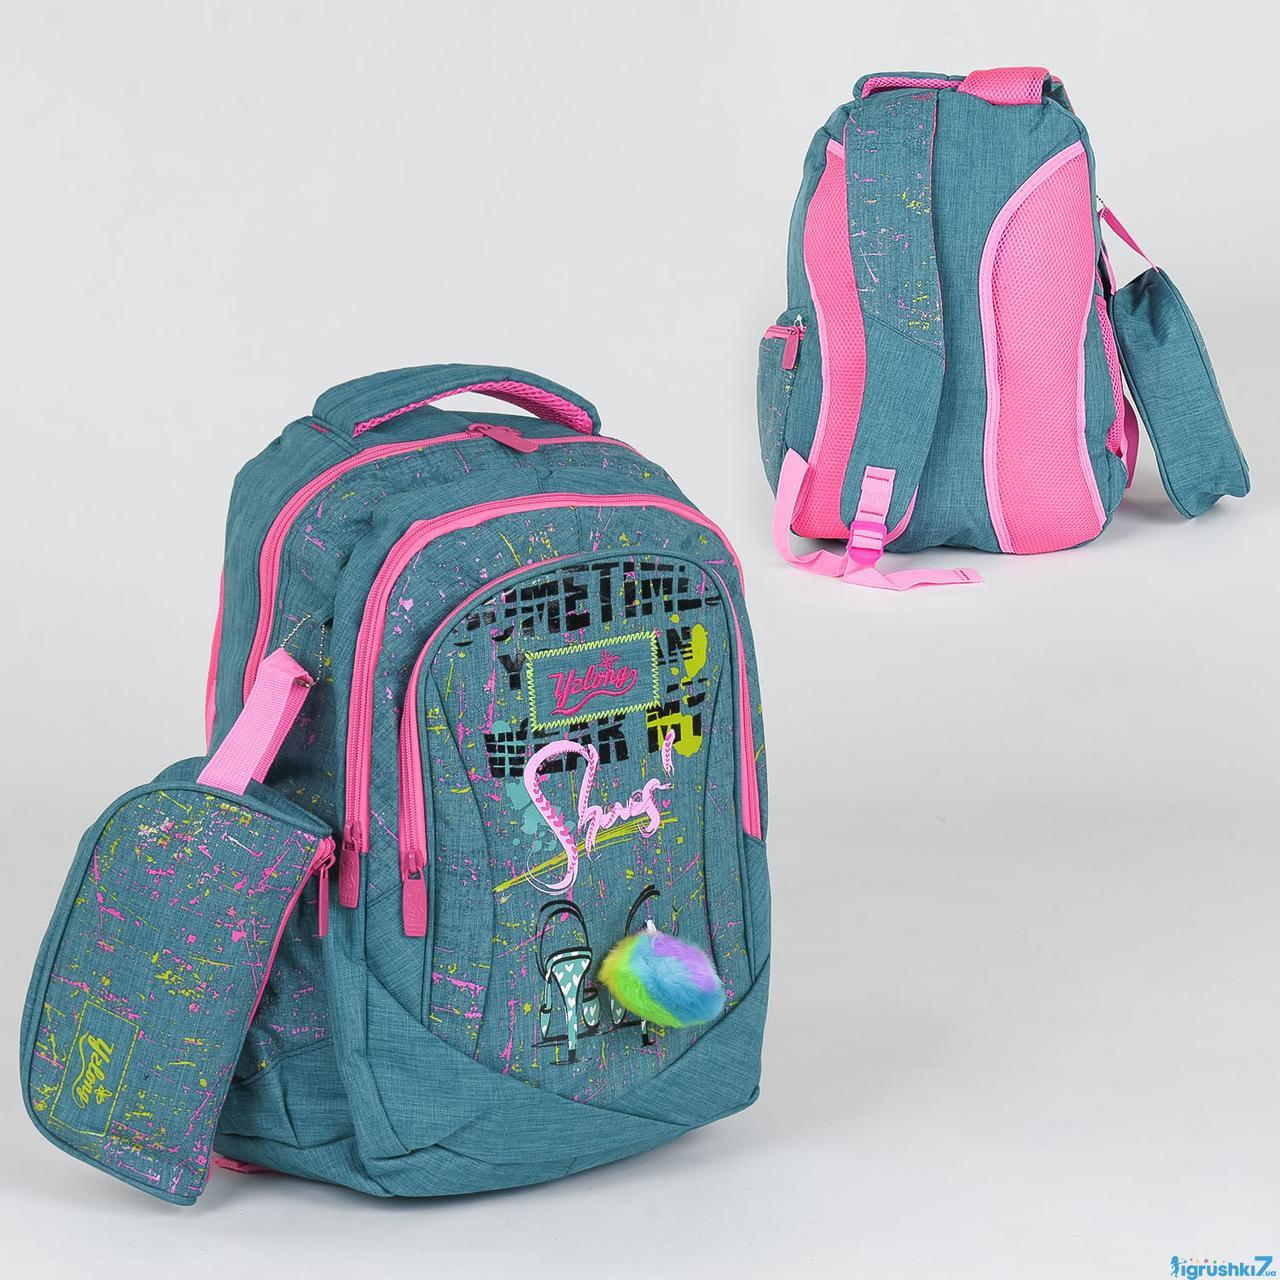 Рюкзак школьный C 36322, 3 отделения, 2 кармана, пенал, мягкая спинка